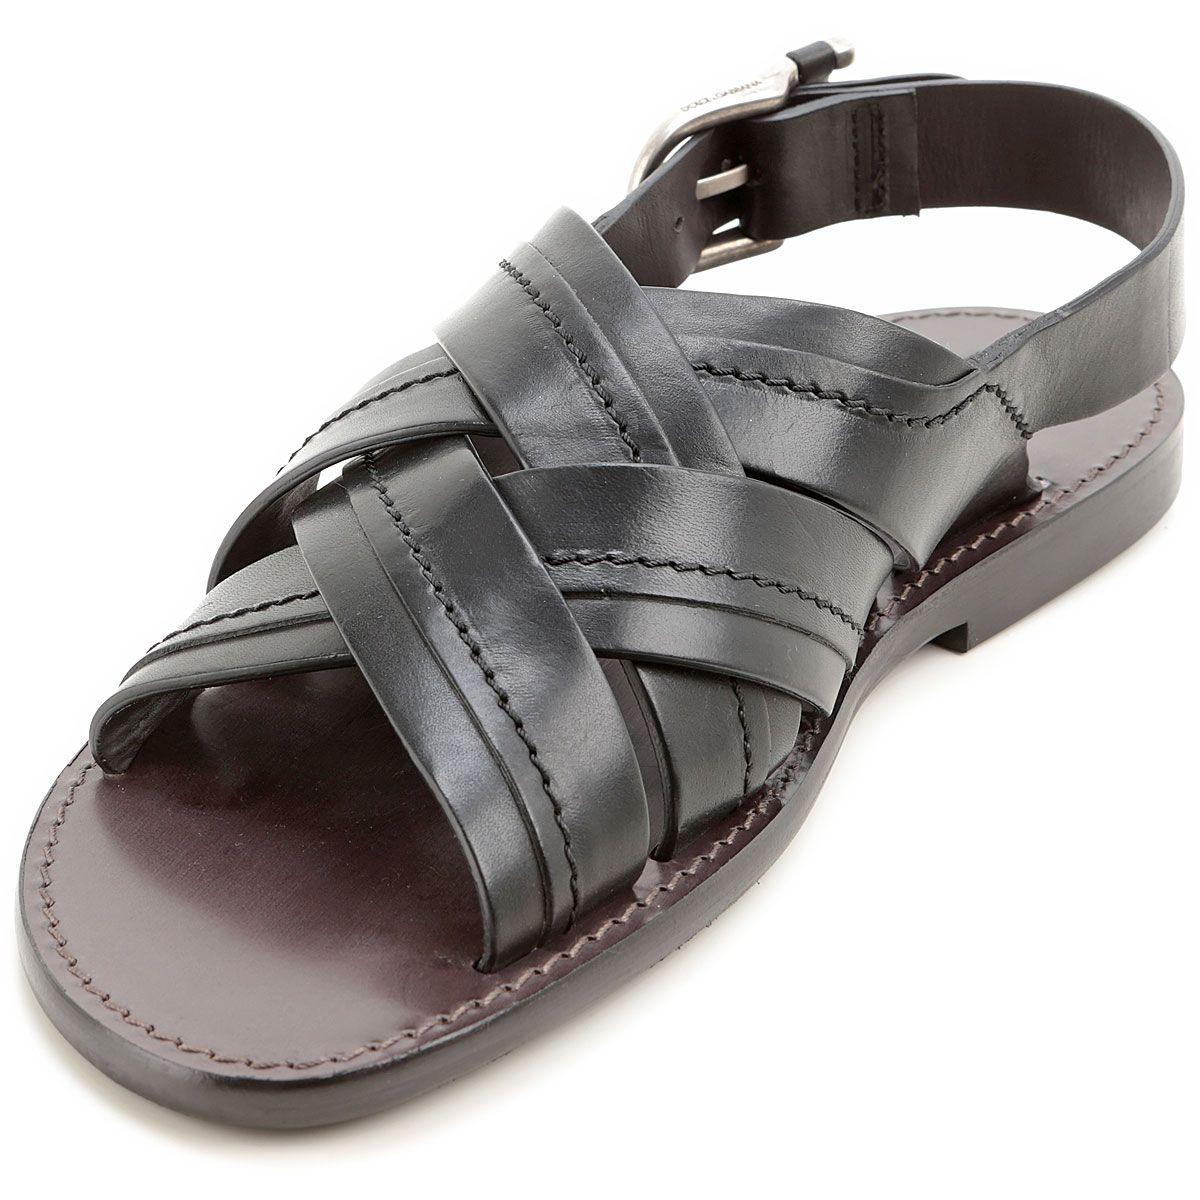 7b923eca5f Zapatos para Hombres Dolce & Gabbana, Detalle Modelo: ca6619-ac127-80999